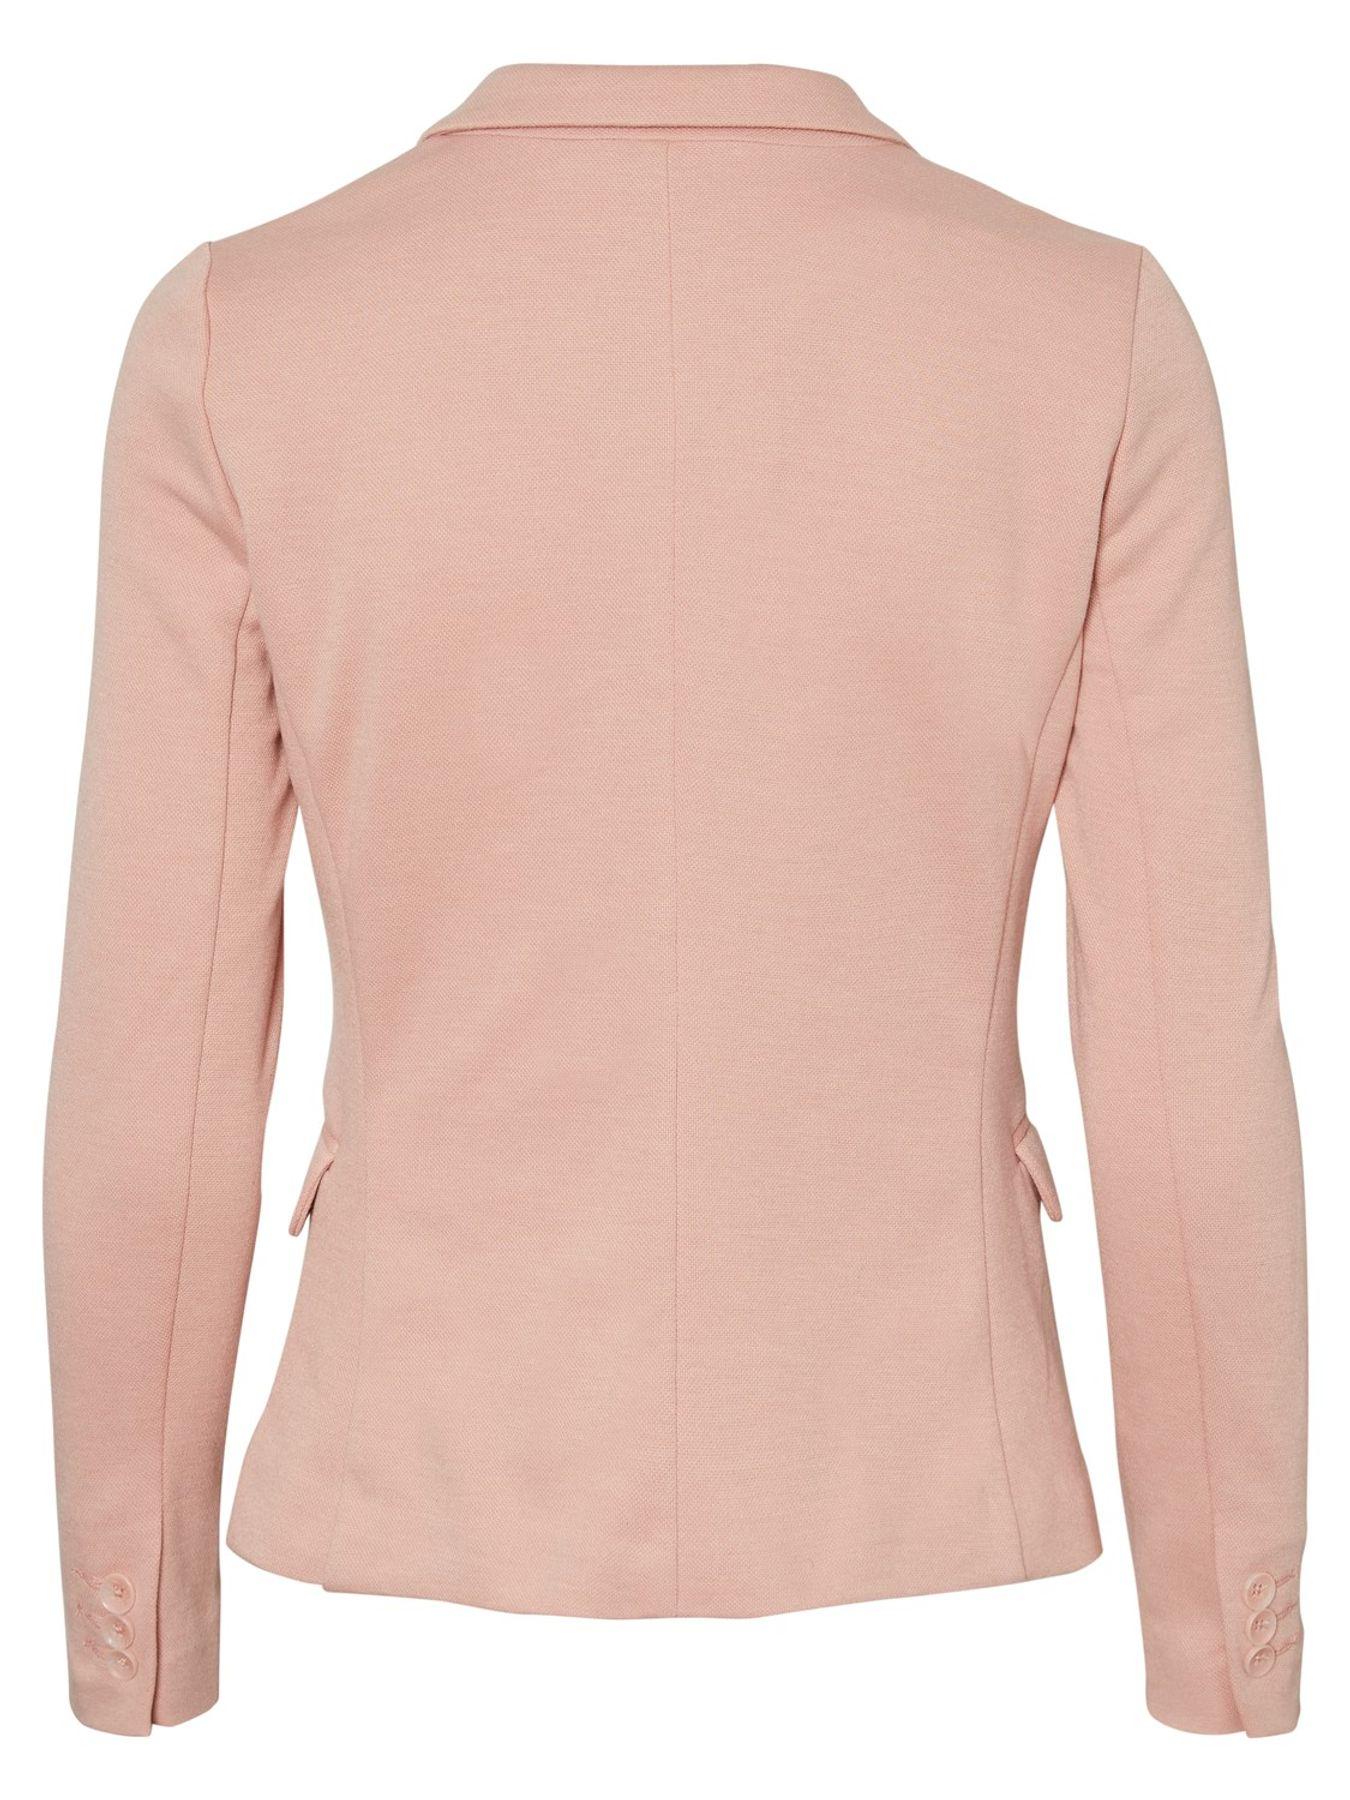 VERO MODA - Damen Jersey-Blazer in grau, schwarz,blau,Curry,rose oder Wine (10154123) – Bild 17